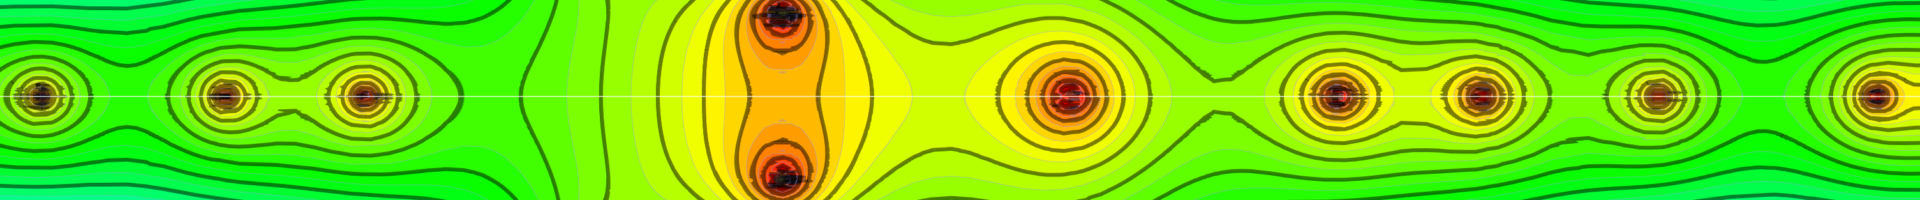 A Dyadic Riemann hypothesis